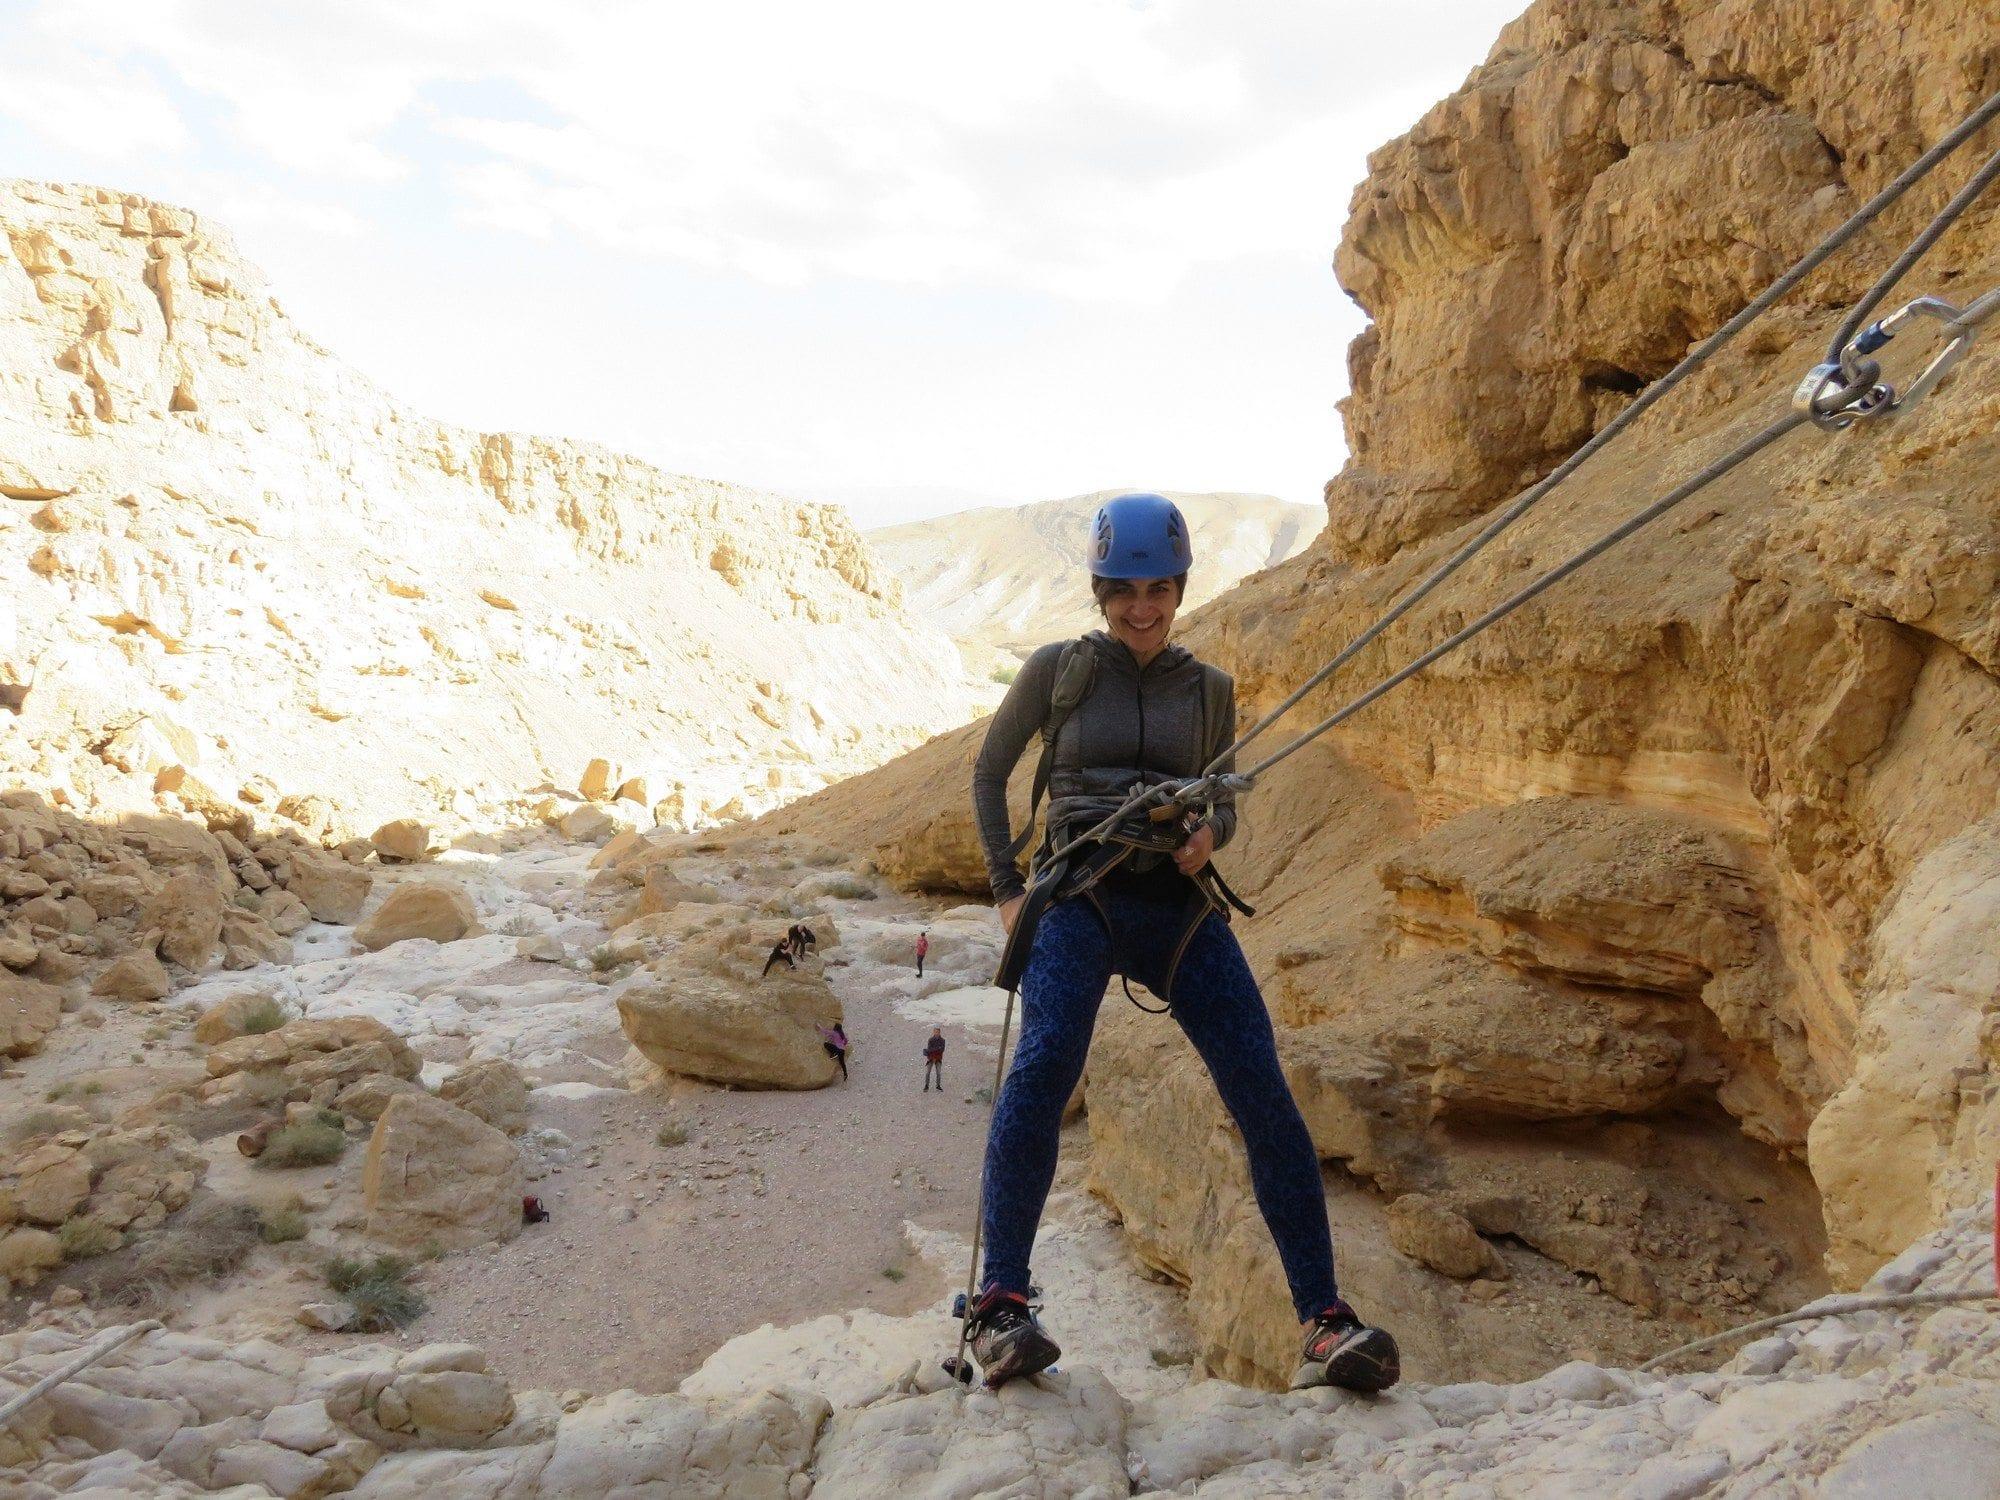 טיול סנפלינג נחל חלמיש במדבר יהודה banketgarim